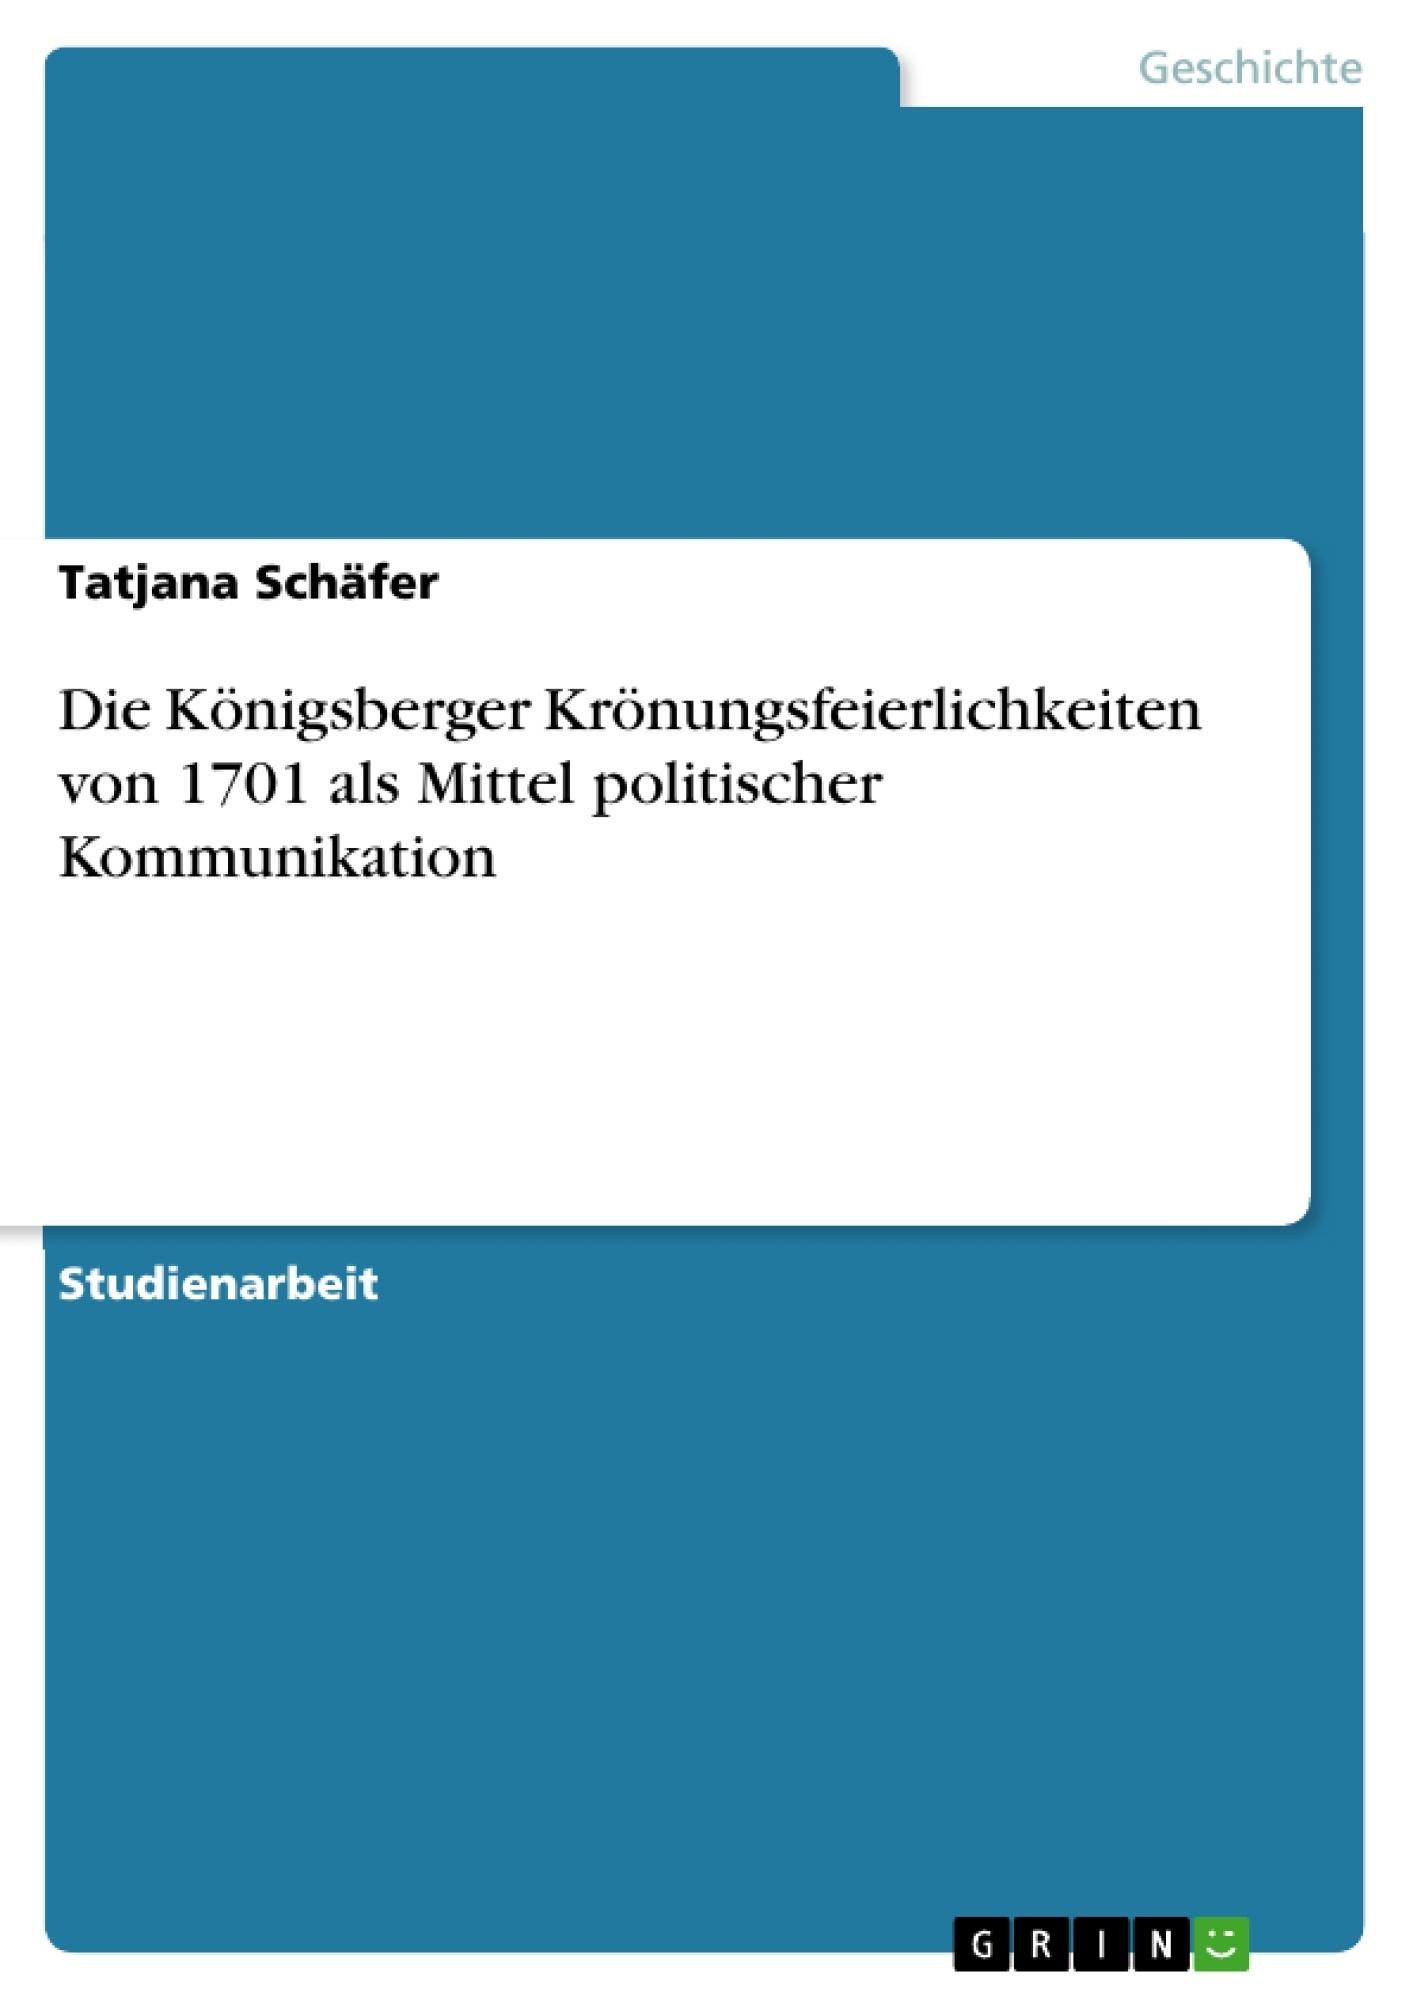 Titel: Die Königsberger Krönungsfeierlichkeiten von 1701 als Mittel politischer Kommunikation